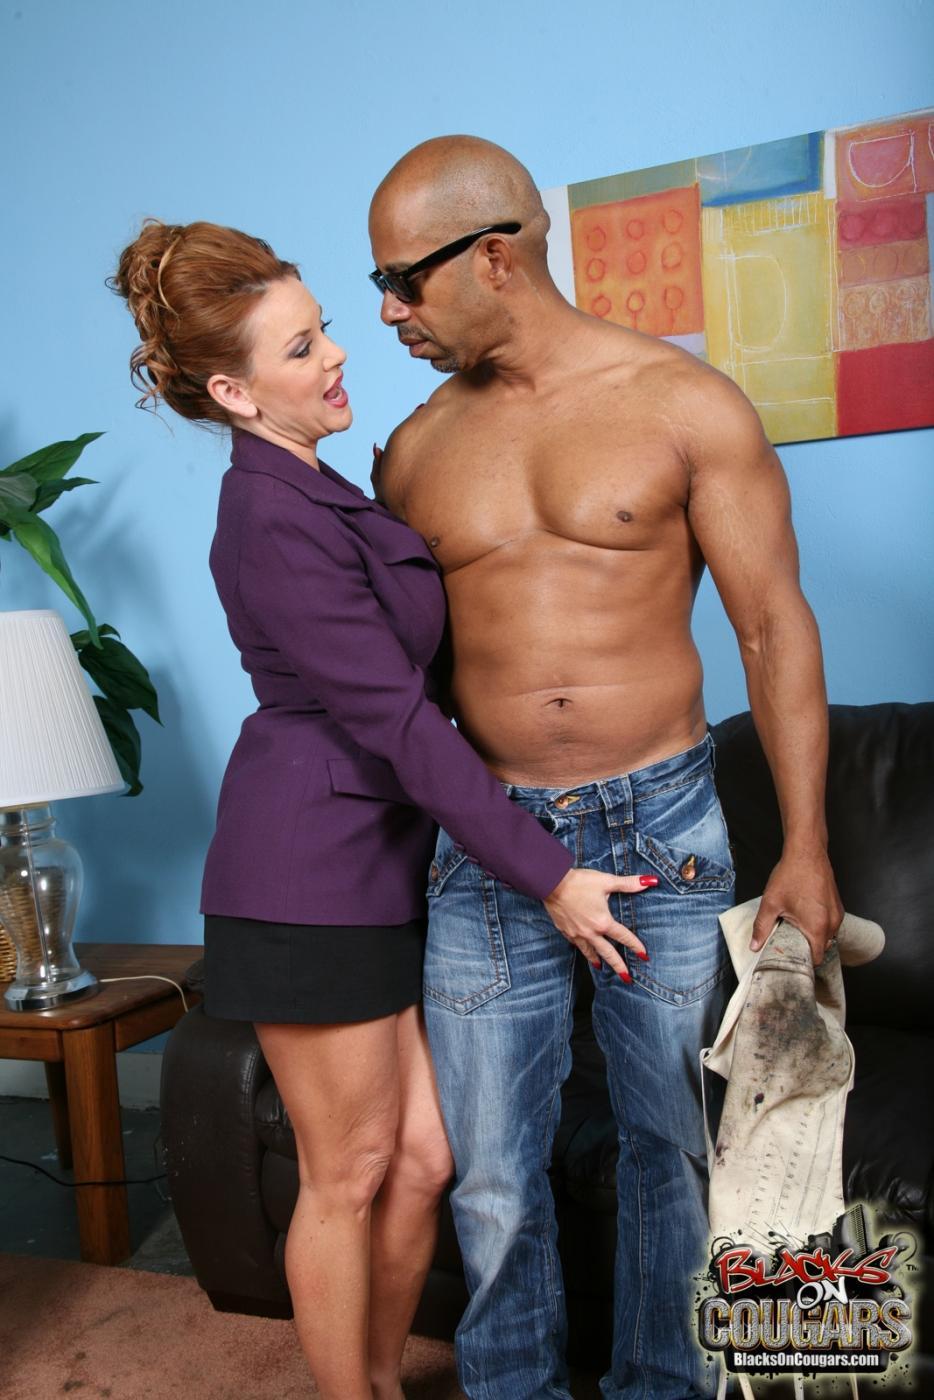 Титястая рыжеволосая мамаша Janet Mason стала грязной шлюхой при помощи черного дядьки из офиса